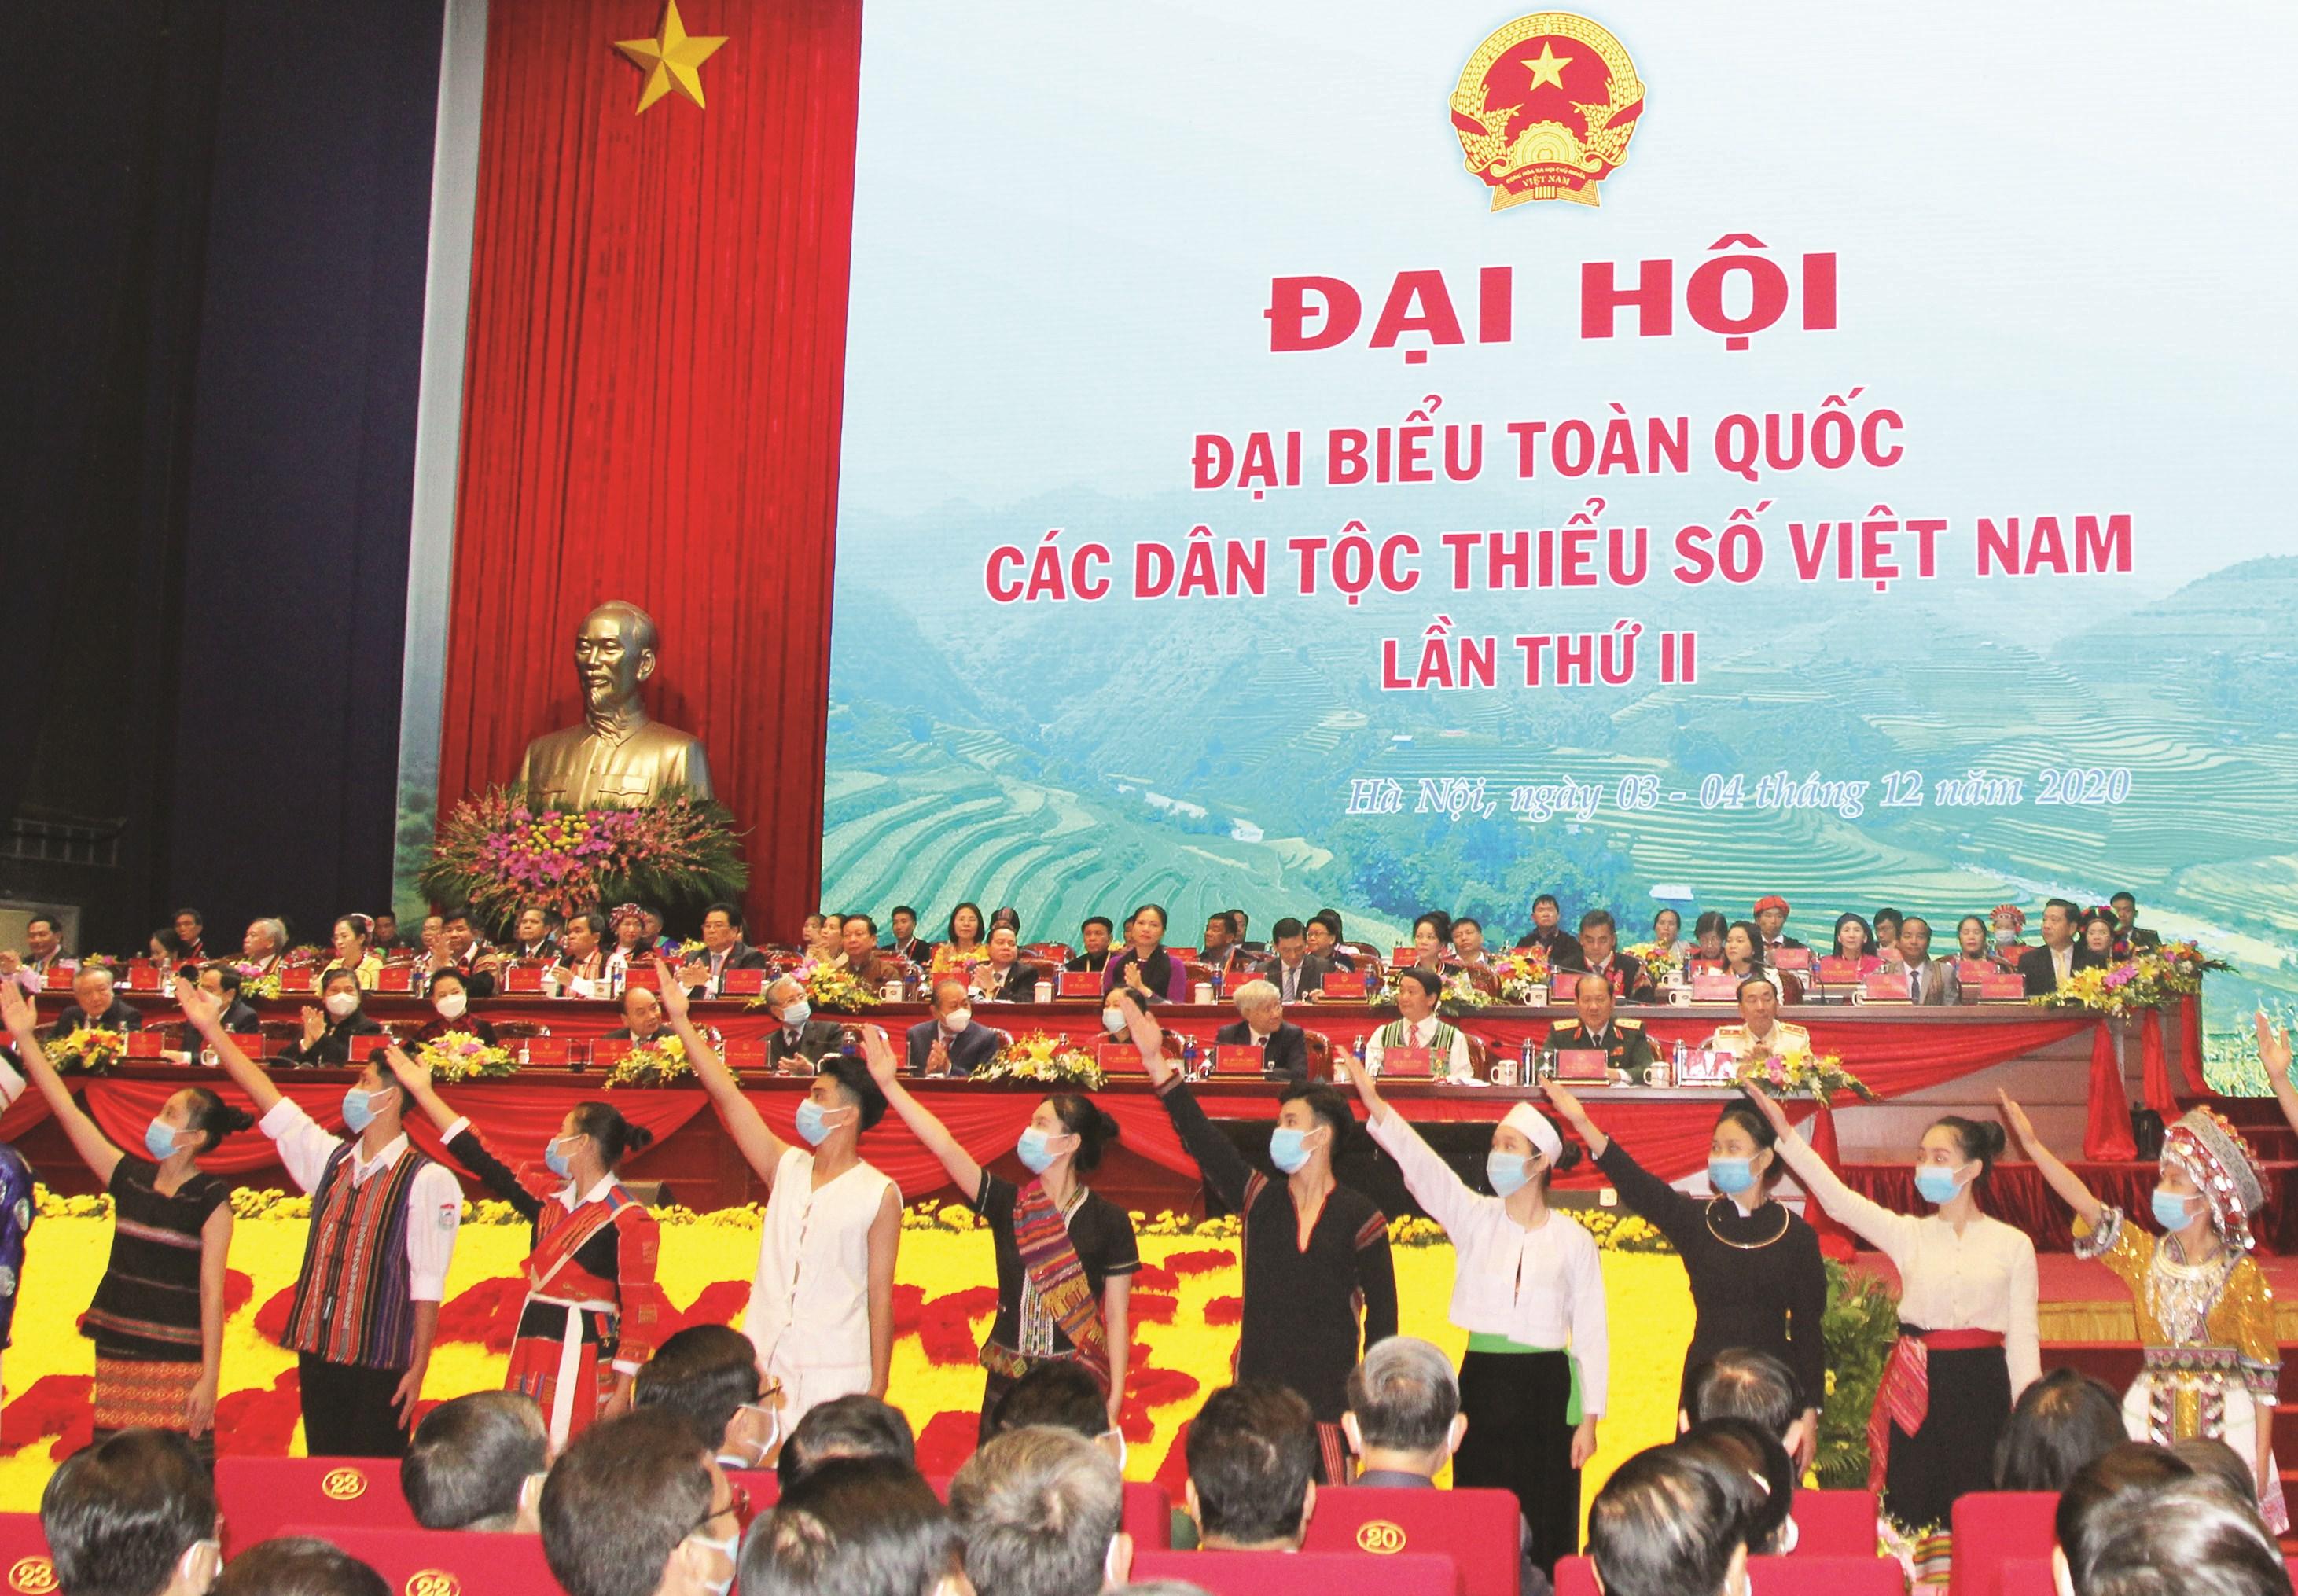 Các Đoàn viên Thanh niên là người DTTS thể hiện niềm tin son sắt với Đảng, với sự phát triển của dân tộc tại Đại hội.